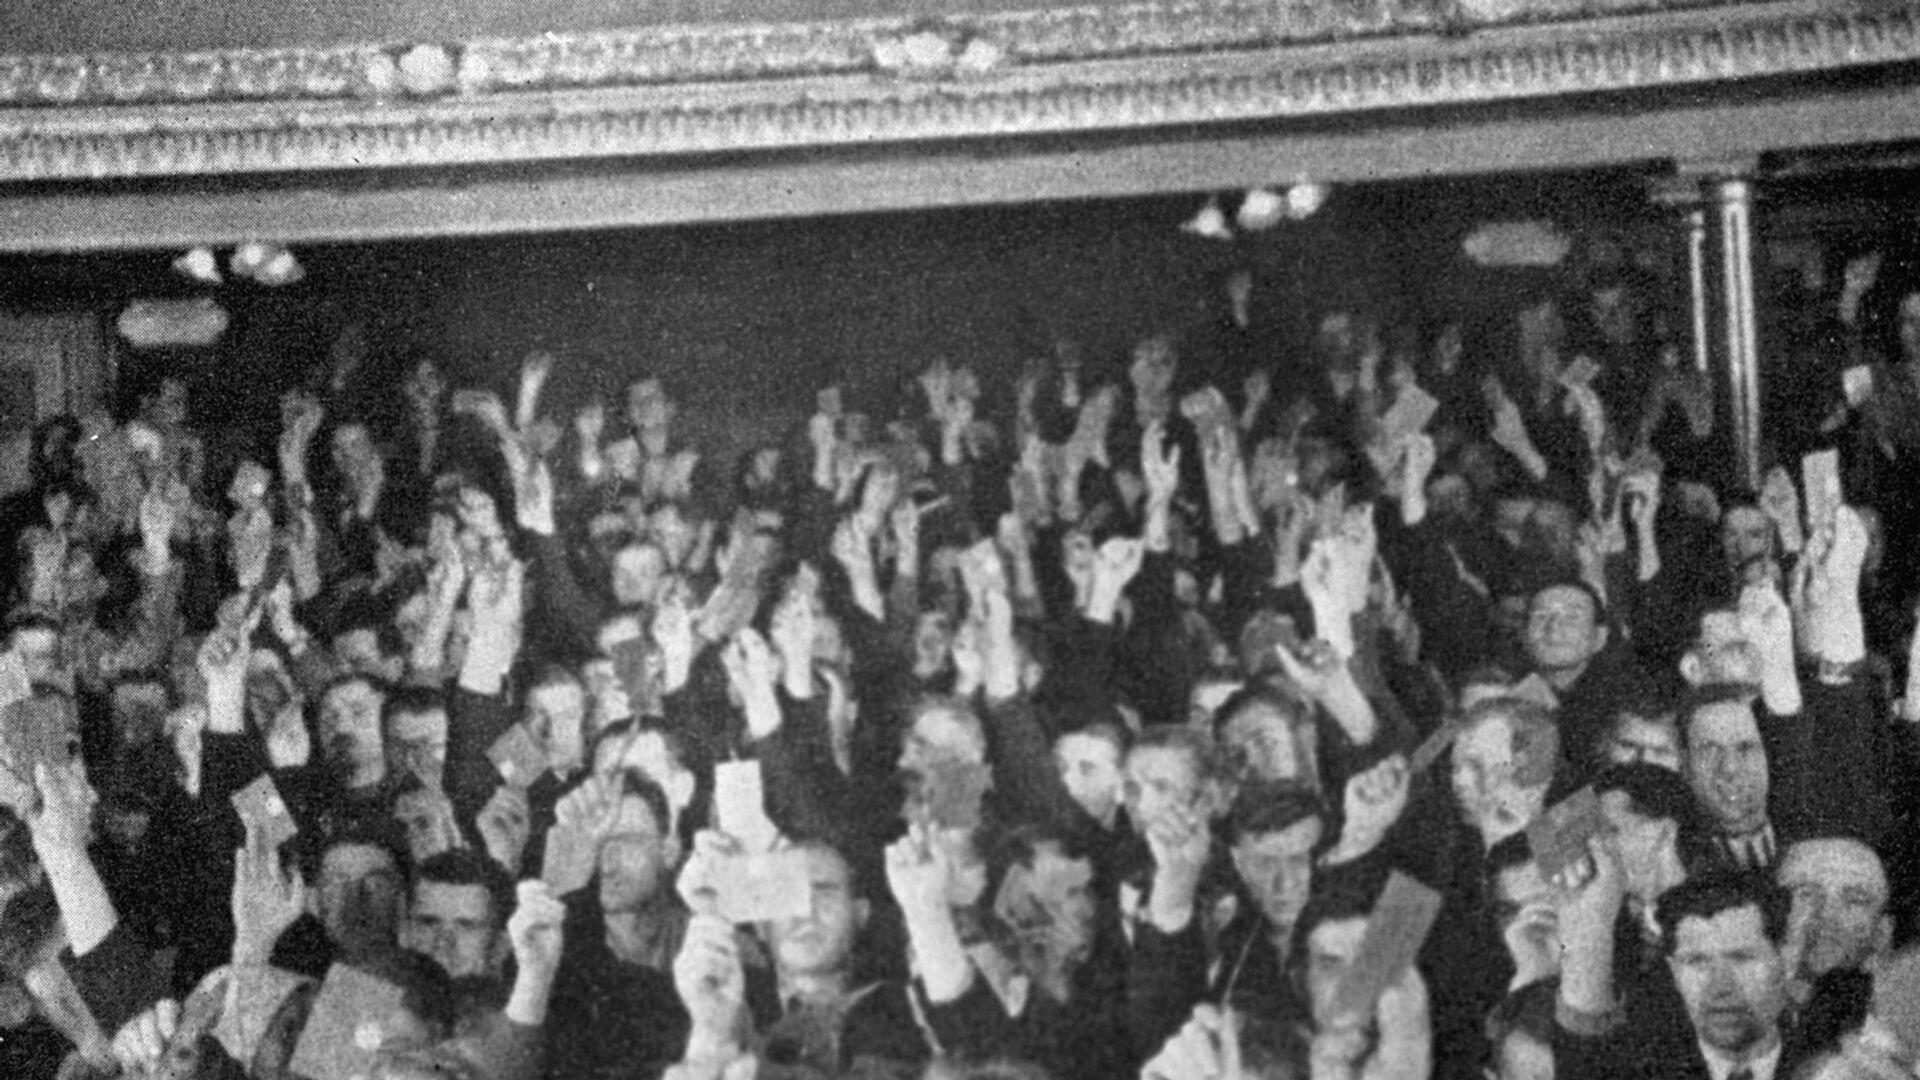 Депутаты Народного собрания голосуют за воссоединение Западной Украины с Советским Союзом - РИА Новости, 1920, 01.10.2020